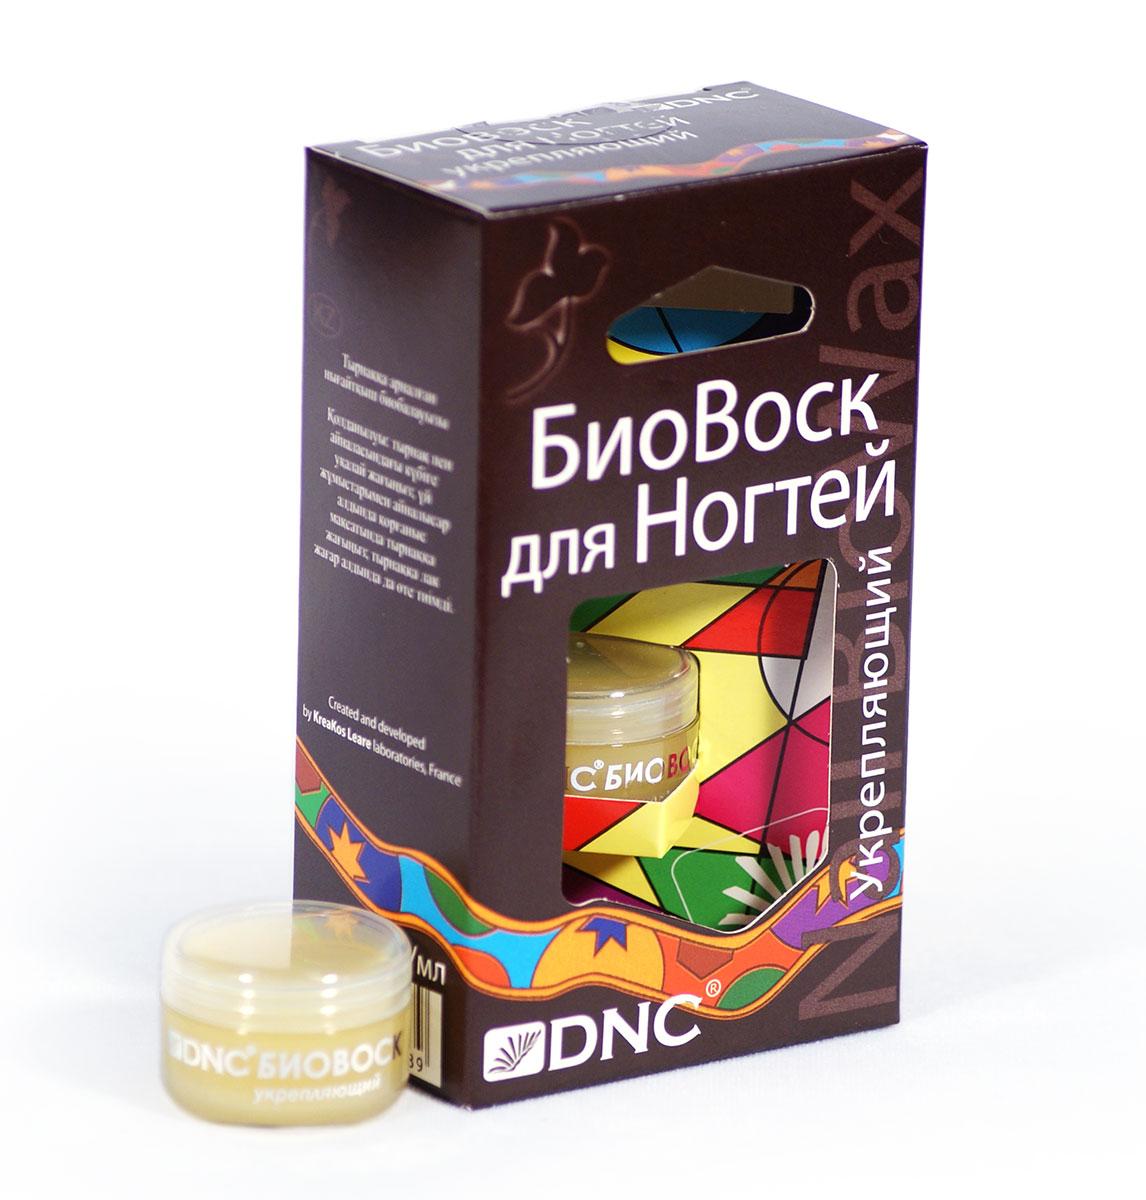 Биовоск для ногтей DNC, укрепляющий, 6 мл4751006751224Укрепляющий биовоск для ногтей DNC - отличное средство для восстановления и защиты ногтей. Причин для ломкости и хрупкости ногтей может быть великое множество. В большинстве случаев это происходит от недостаточного питания и ухода. Пчелиный воск и парафин создают защиту от ультрафиолетовых лучей и воздействия агрессивных веществ. Касторовое масло обеспечивает ногти необходимыми питательными веществами, способствуют смягчению кутикул и заживлению ранок. Силикон укрепляет ногти и заполняет микротрещины. Также Биовоск содержит незаменимый комплекс веществ, необходимых для питания ногтей. В состав комплекса входят элеутерококк, витамины В, Д, Е, глюкоза, крахмал, полисахариды, пектиновые вещества, эфирные масла и микроэлементы. Воск - это тот косметический продукт, который легко оценить с первого же применения. Действовать он начинает моментально. Сразу после нанесения ногти приобретают аккуратный и ухоженный вид.